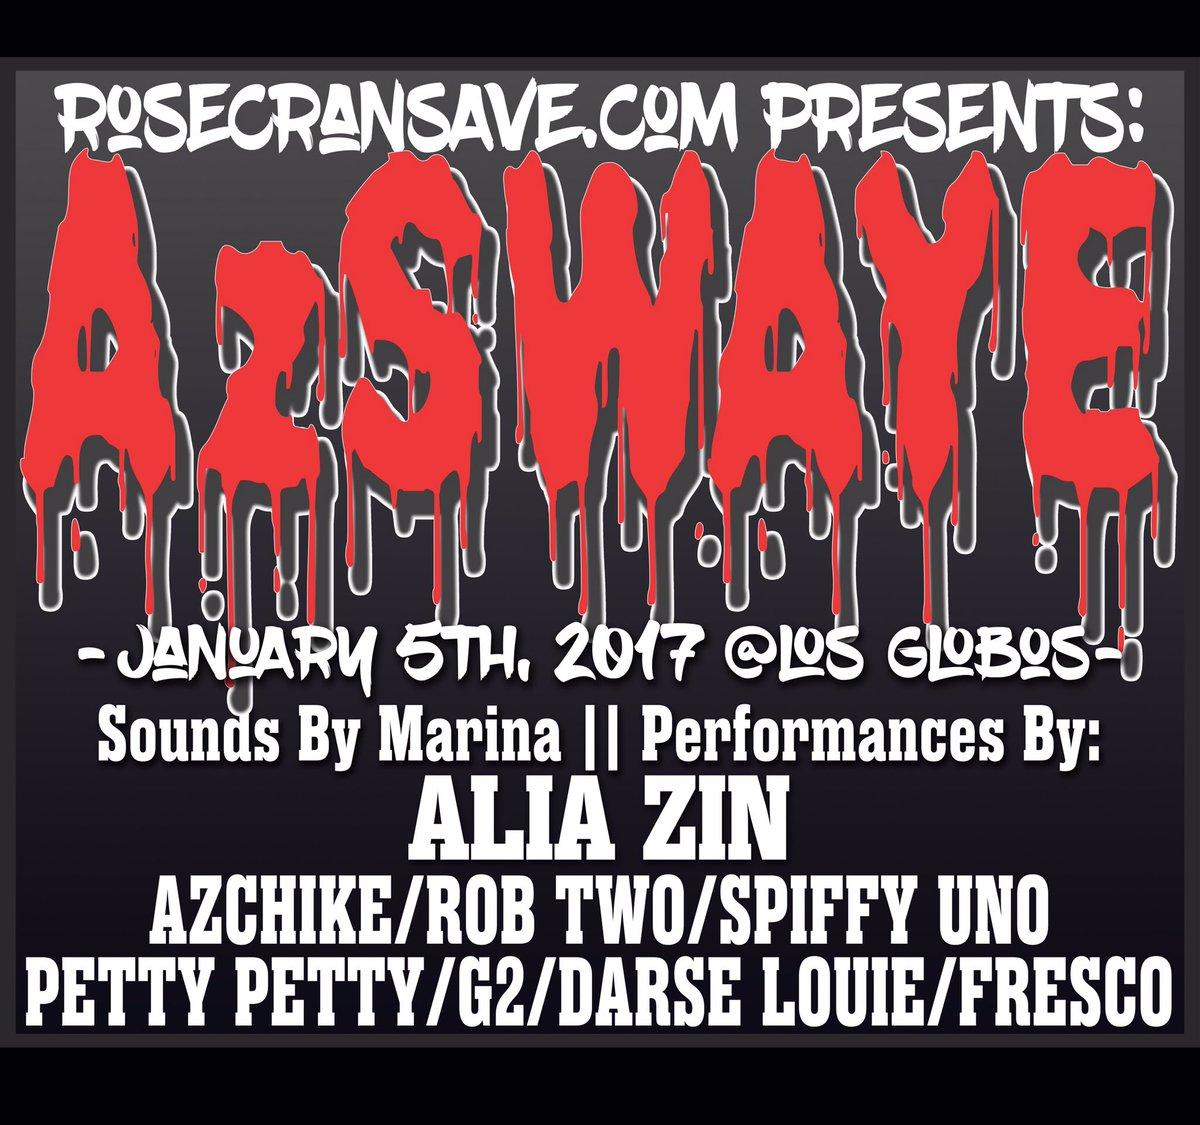 AzSwaye, Alia Zin, SpiffyUno and More Live at Los Globos Thursday 1/5!